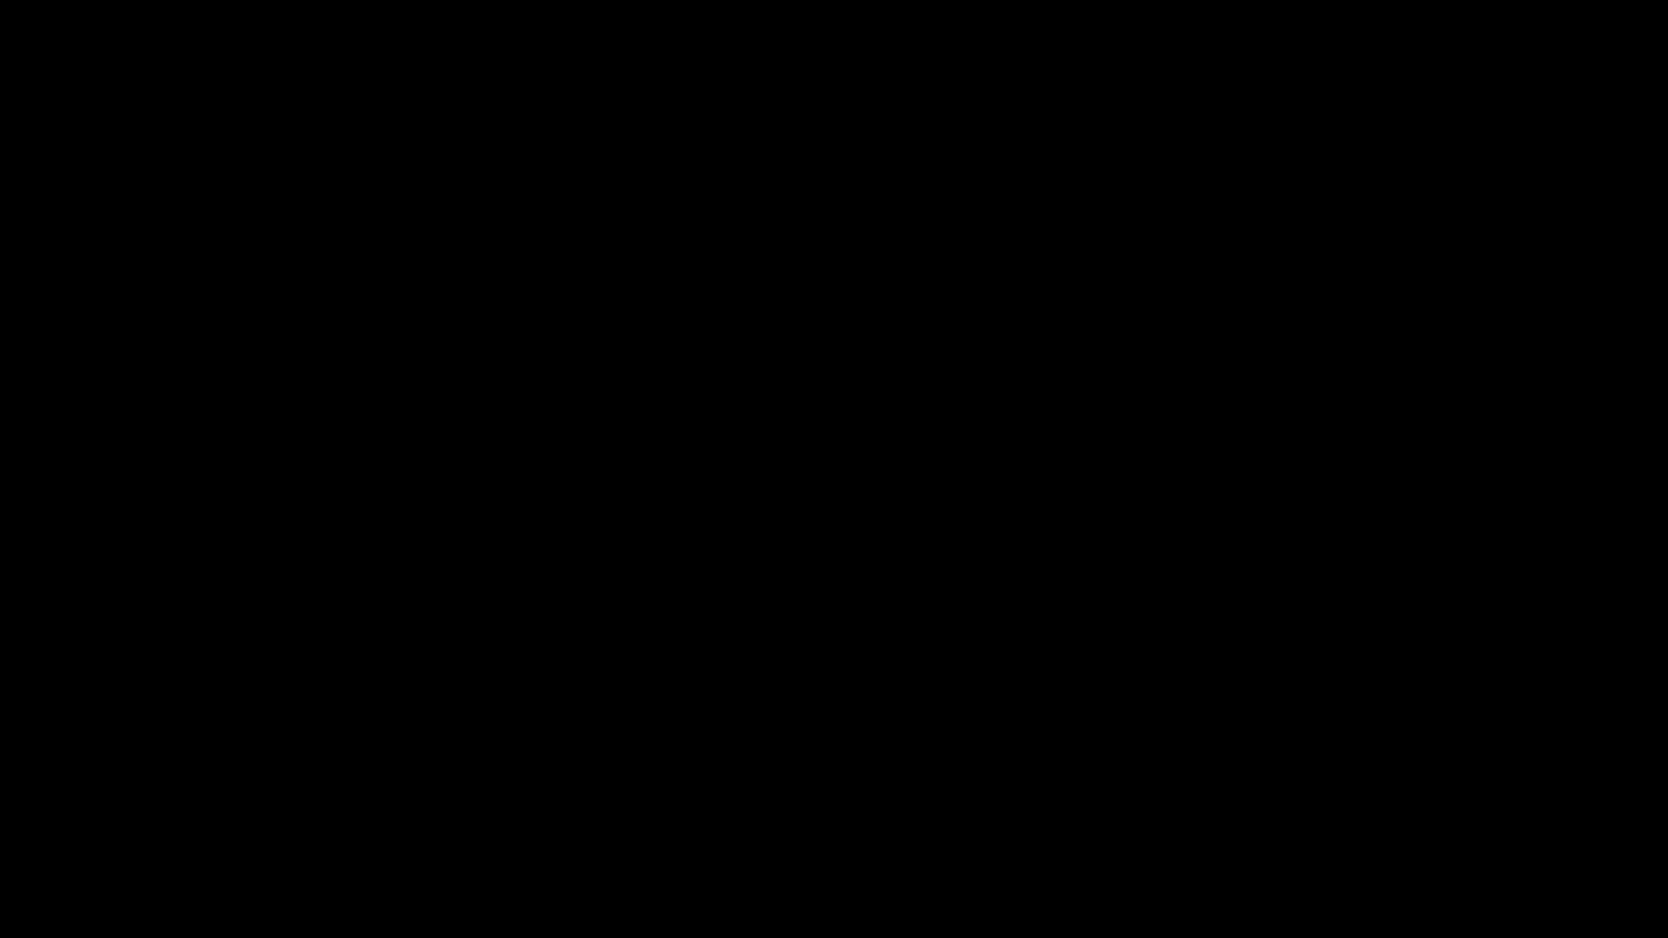 Yoobao PD13 พาวเวอร์แบงค์ความจุ 13000 ไซส์มินิ มีชาร์จเร็ว